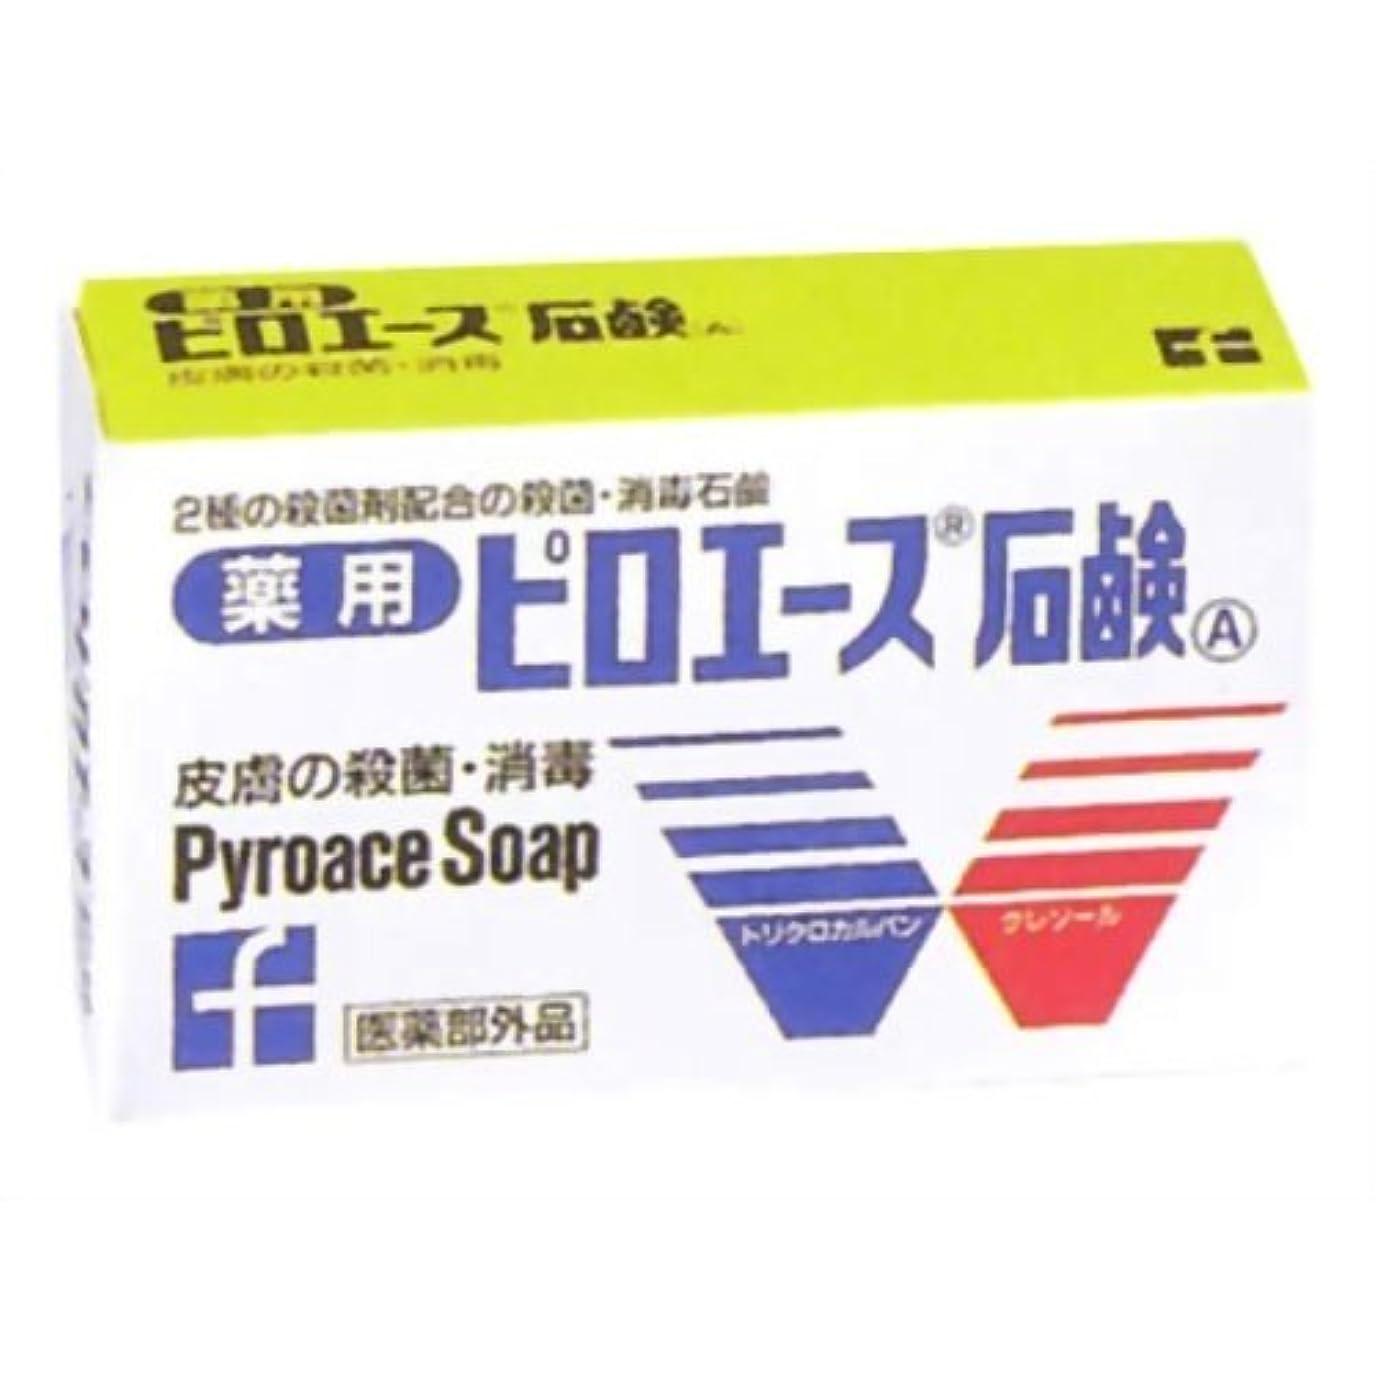 動作トリクル対応【第一三共ヘルスケア】ピロエース石鹸 70g